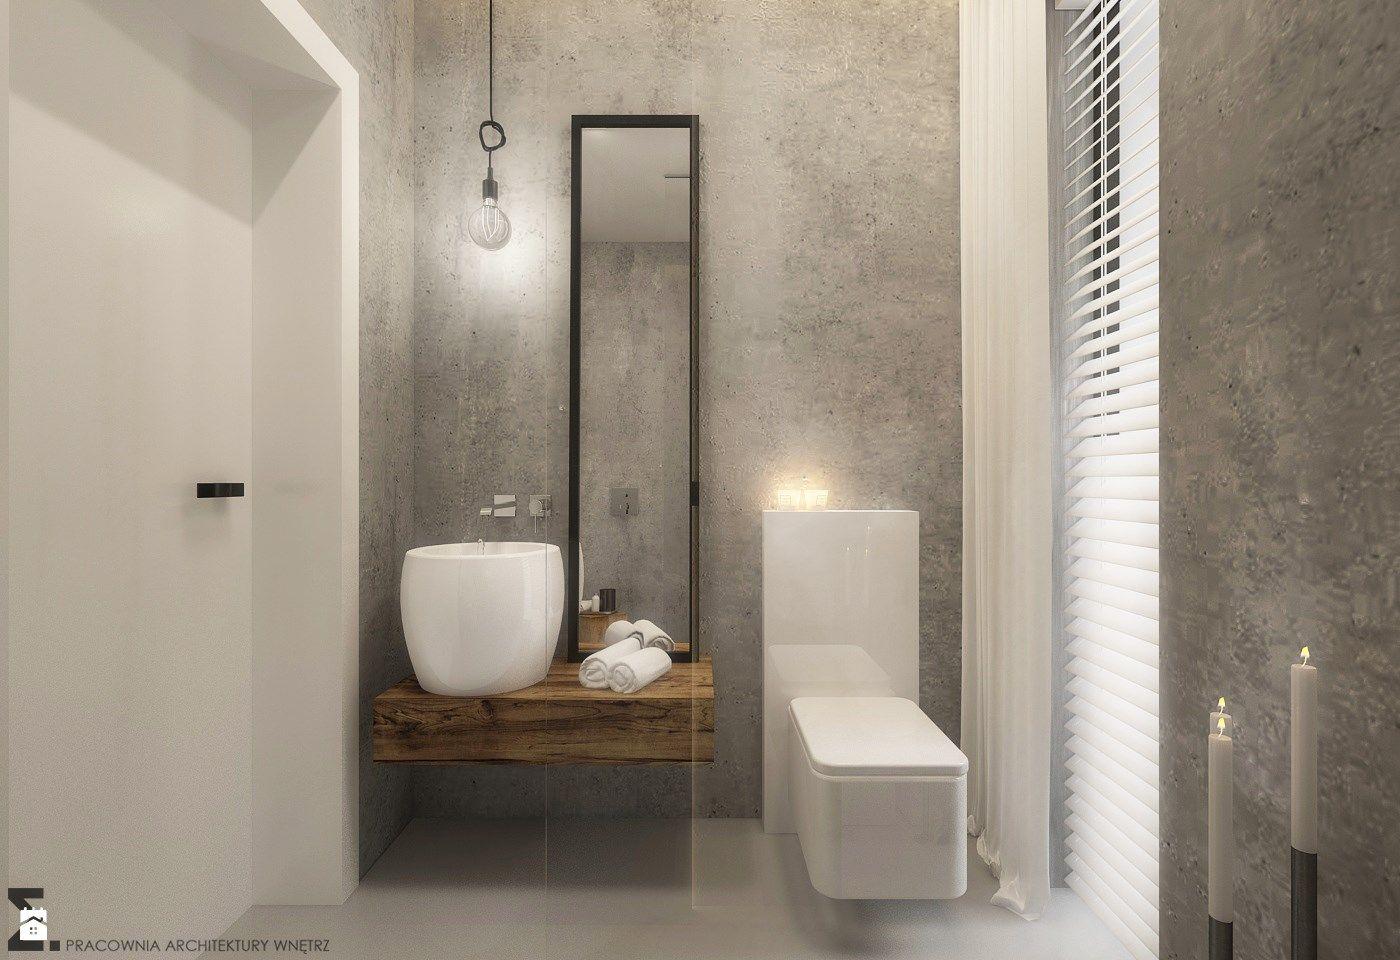 Wystrój Wnętrz Mała łazienka Z Betonem Na ścianie